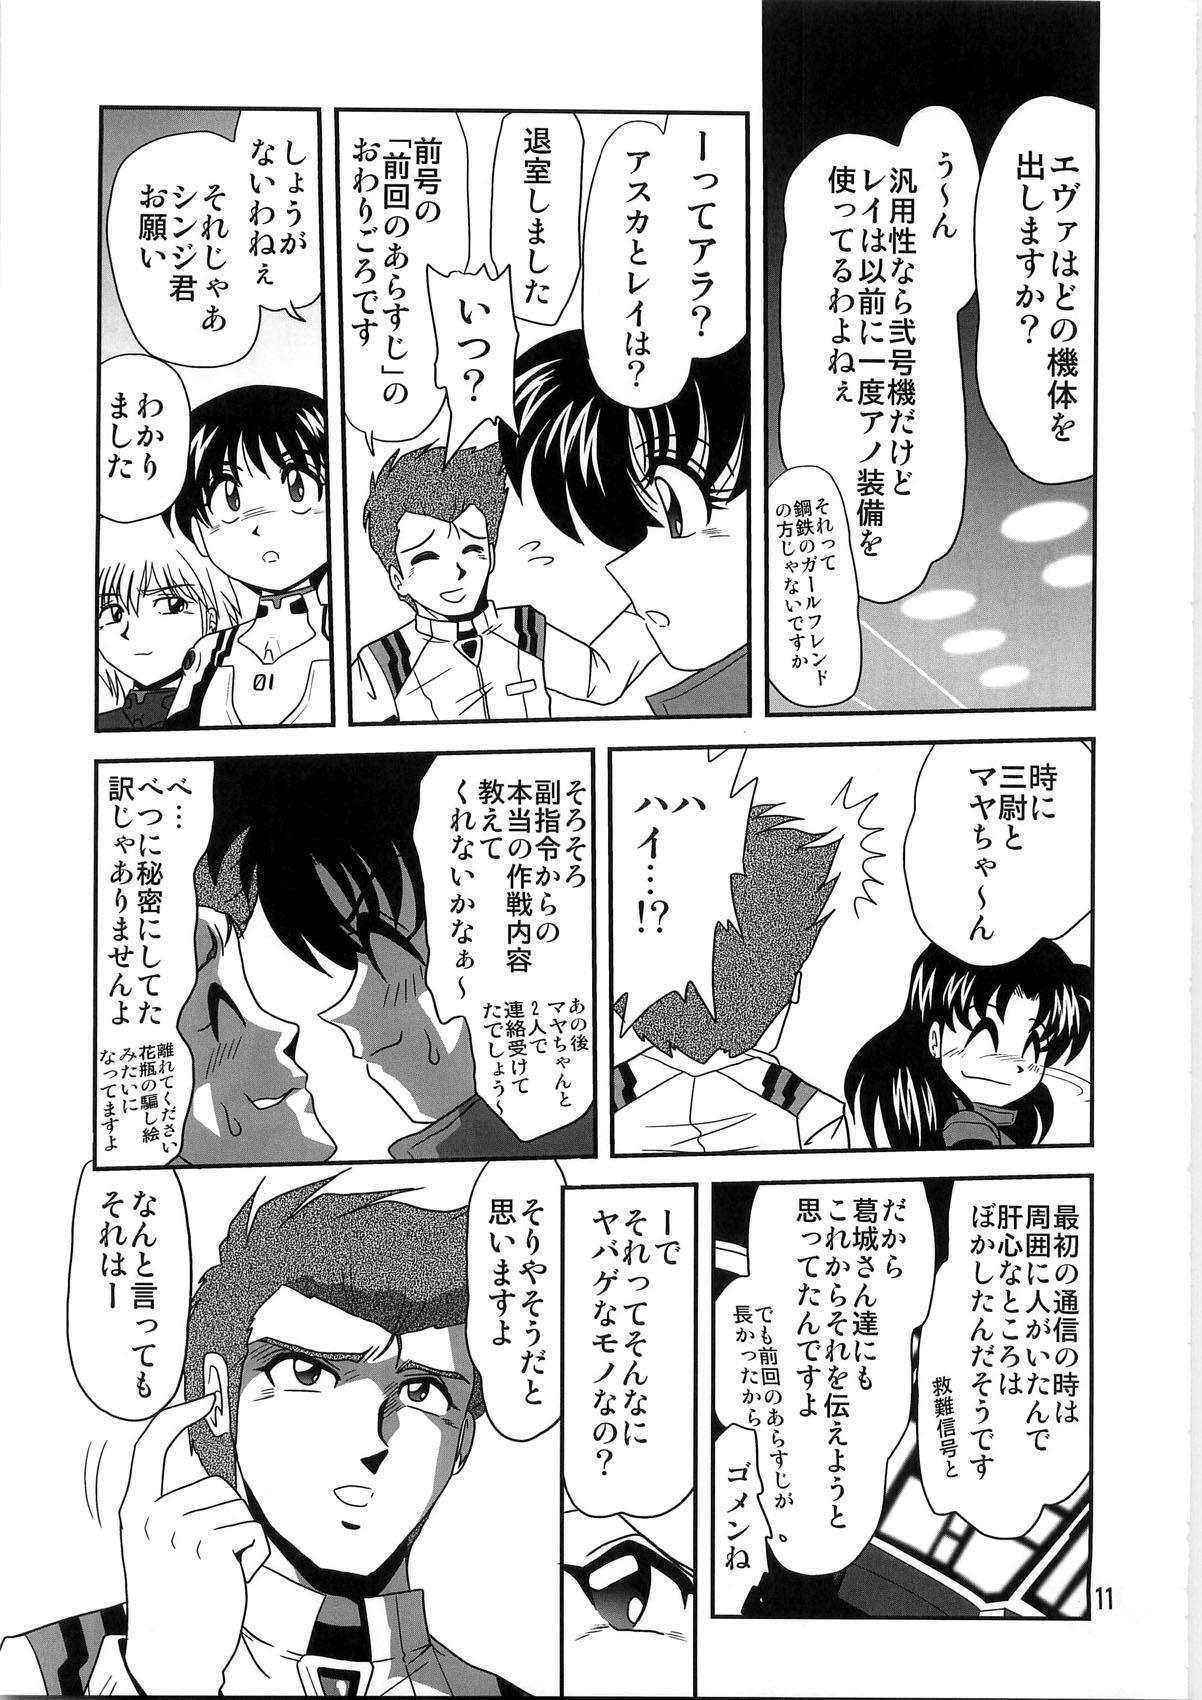 Second Uchuu Keikaku 4 10